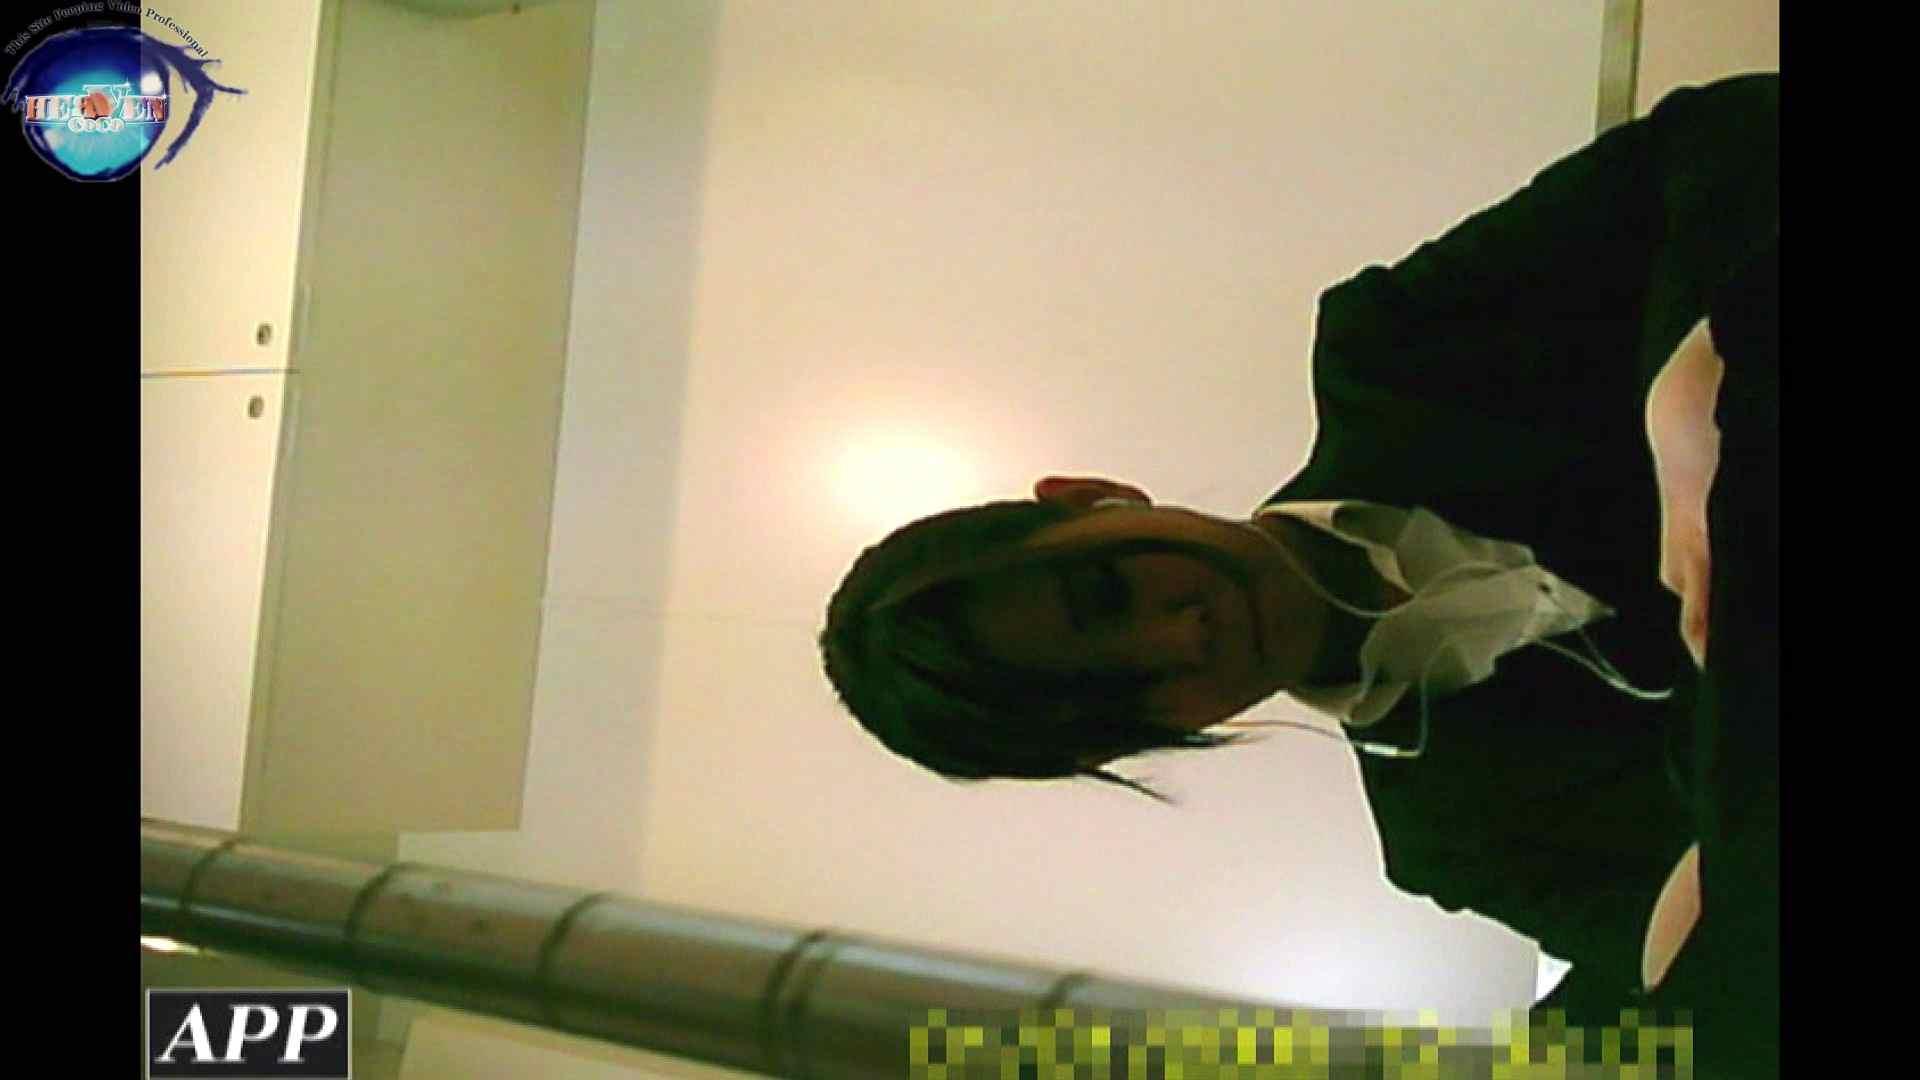 三つ目で盗撮 vol.10 盗撮師作品 のぞき動画画像 74pic 23